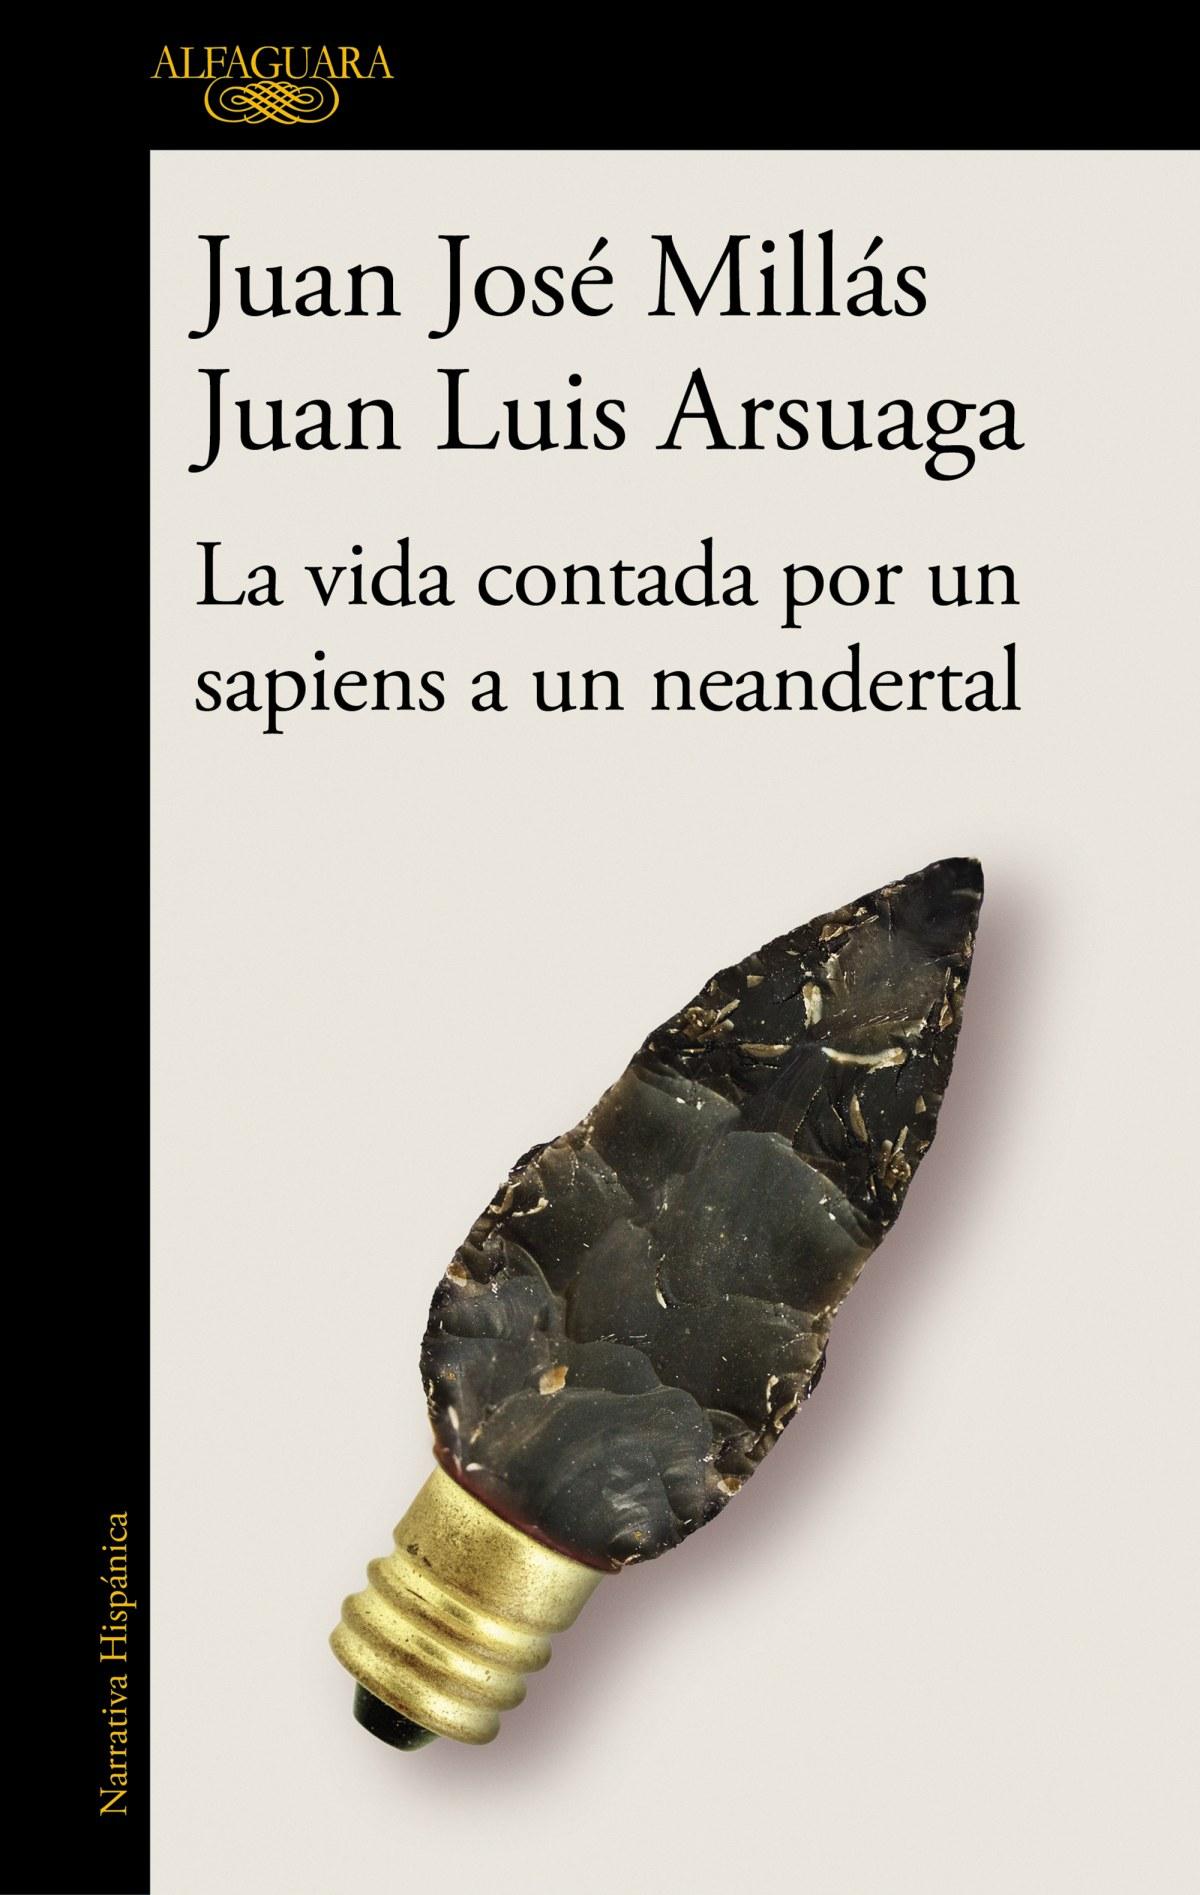 La vida contada por un sapiens a un neandertal 9788420439655